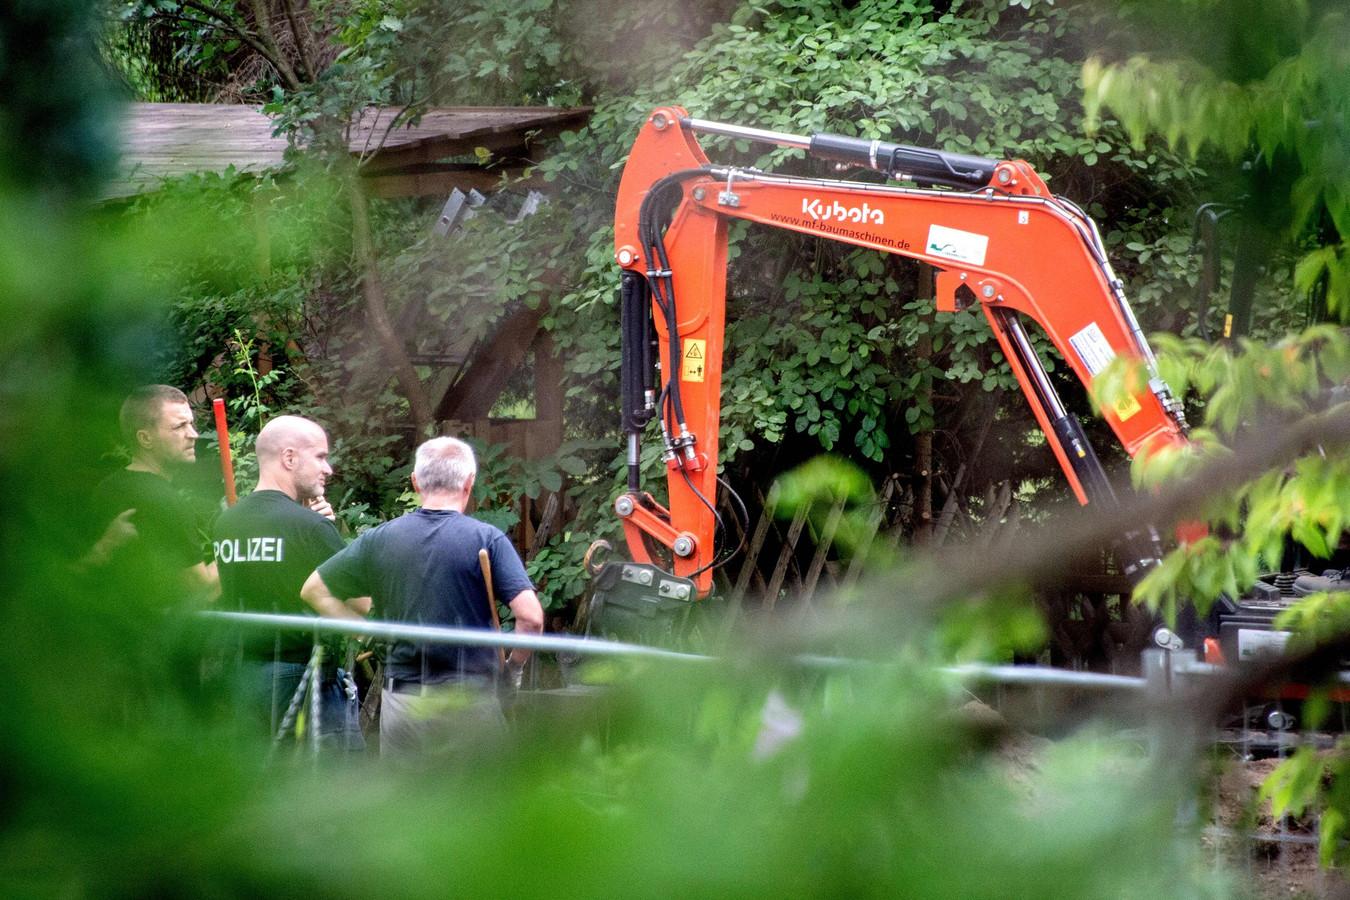 Eind juli doorzocht de Duitse politie in Hannover een volkstuintje waar B. heeft vertoefd.